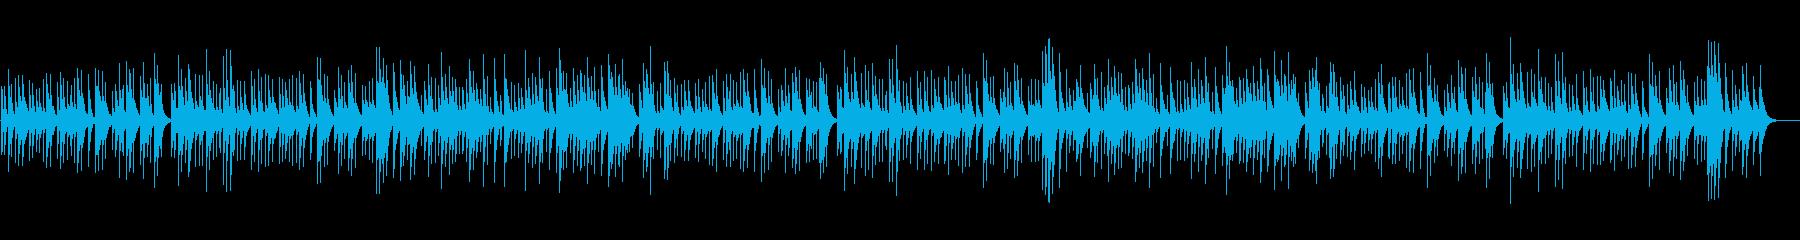 ゆったりとしたオルゴール楽曲の再生済みの波形